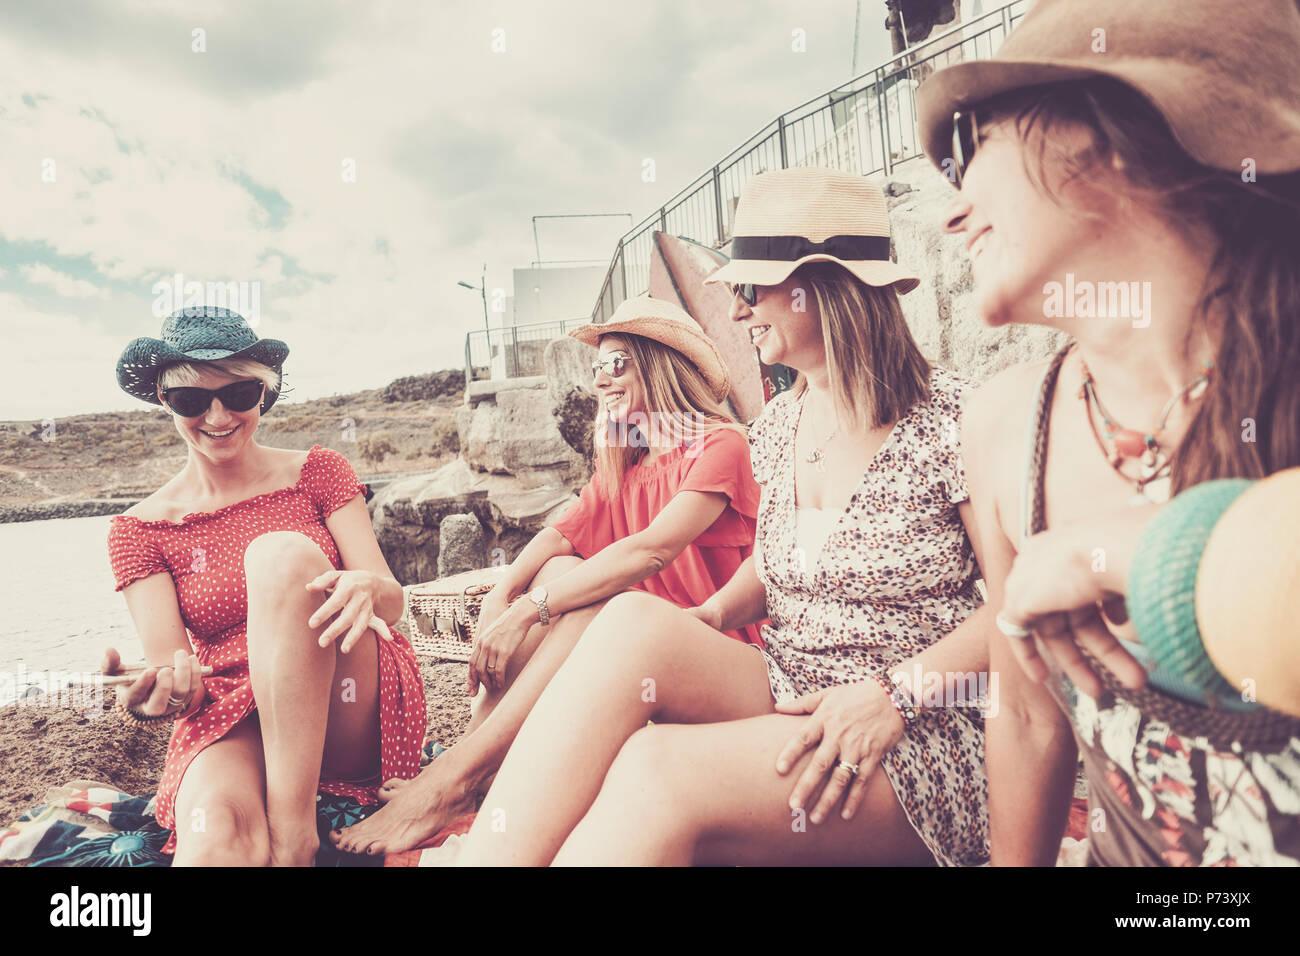 In stile vintage per gruppo di femmine persone stare insieme in amicizia in vacanza vicino alla spiaggia per estate tempo libero activiy. ride e scherza per nbe Immagini Stock